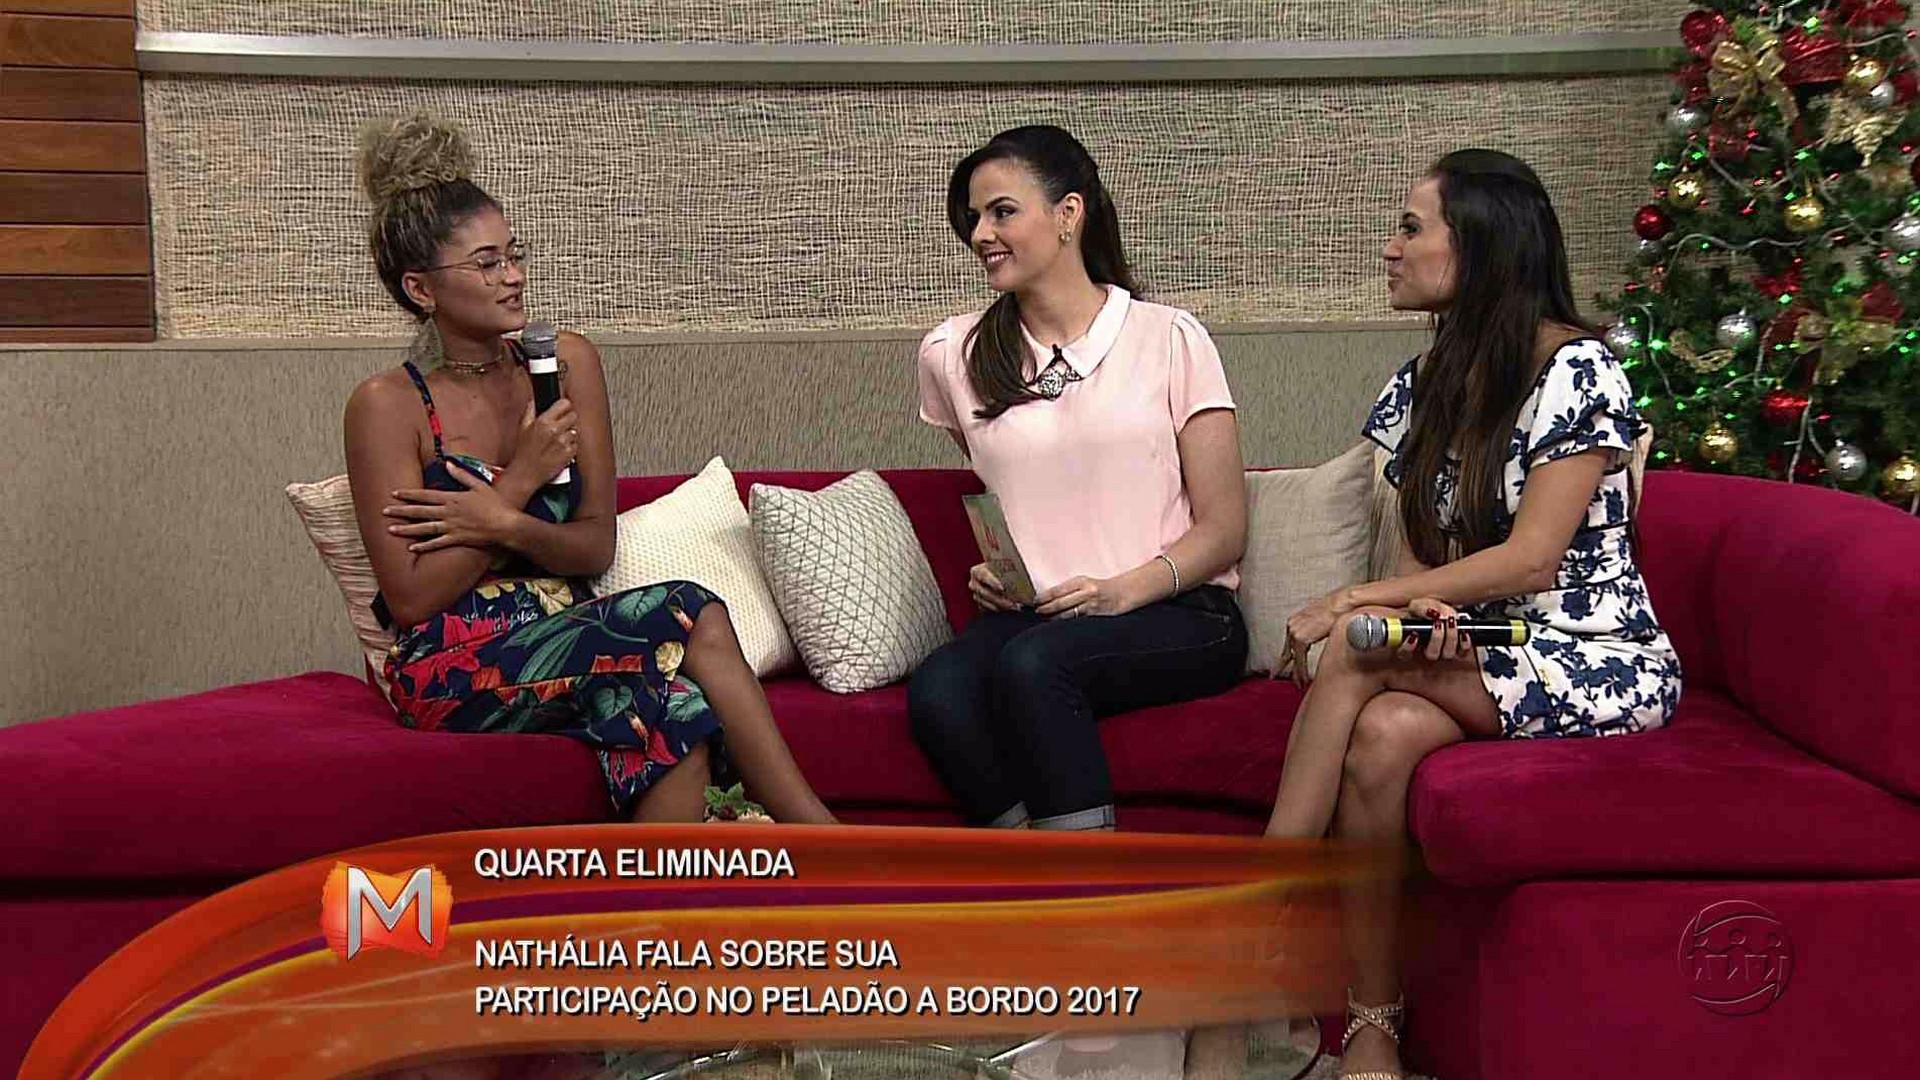 ENTREVISTA: NATHÁLIA SOUSA É A QUARTA ELIMINADA DO PELADÃO A BORDO - Magazine 07/12/17